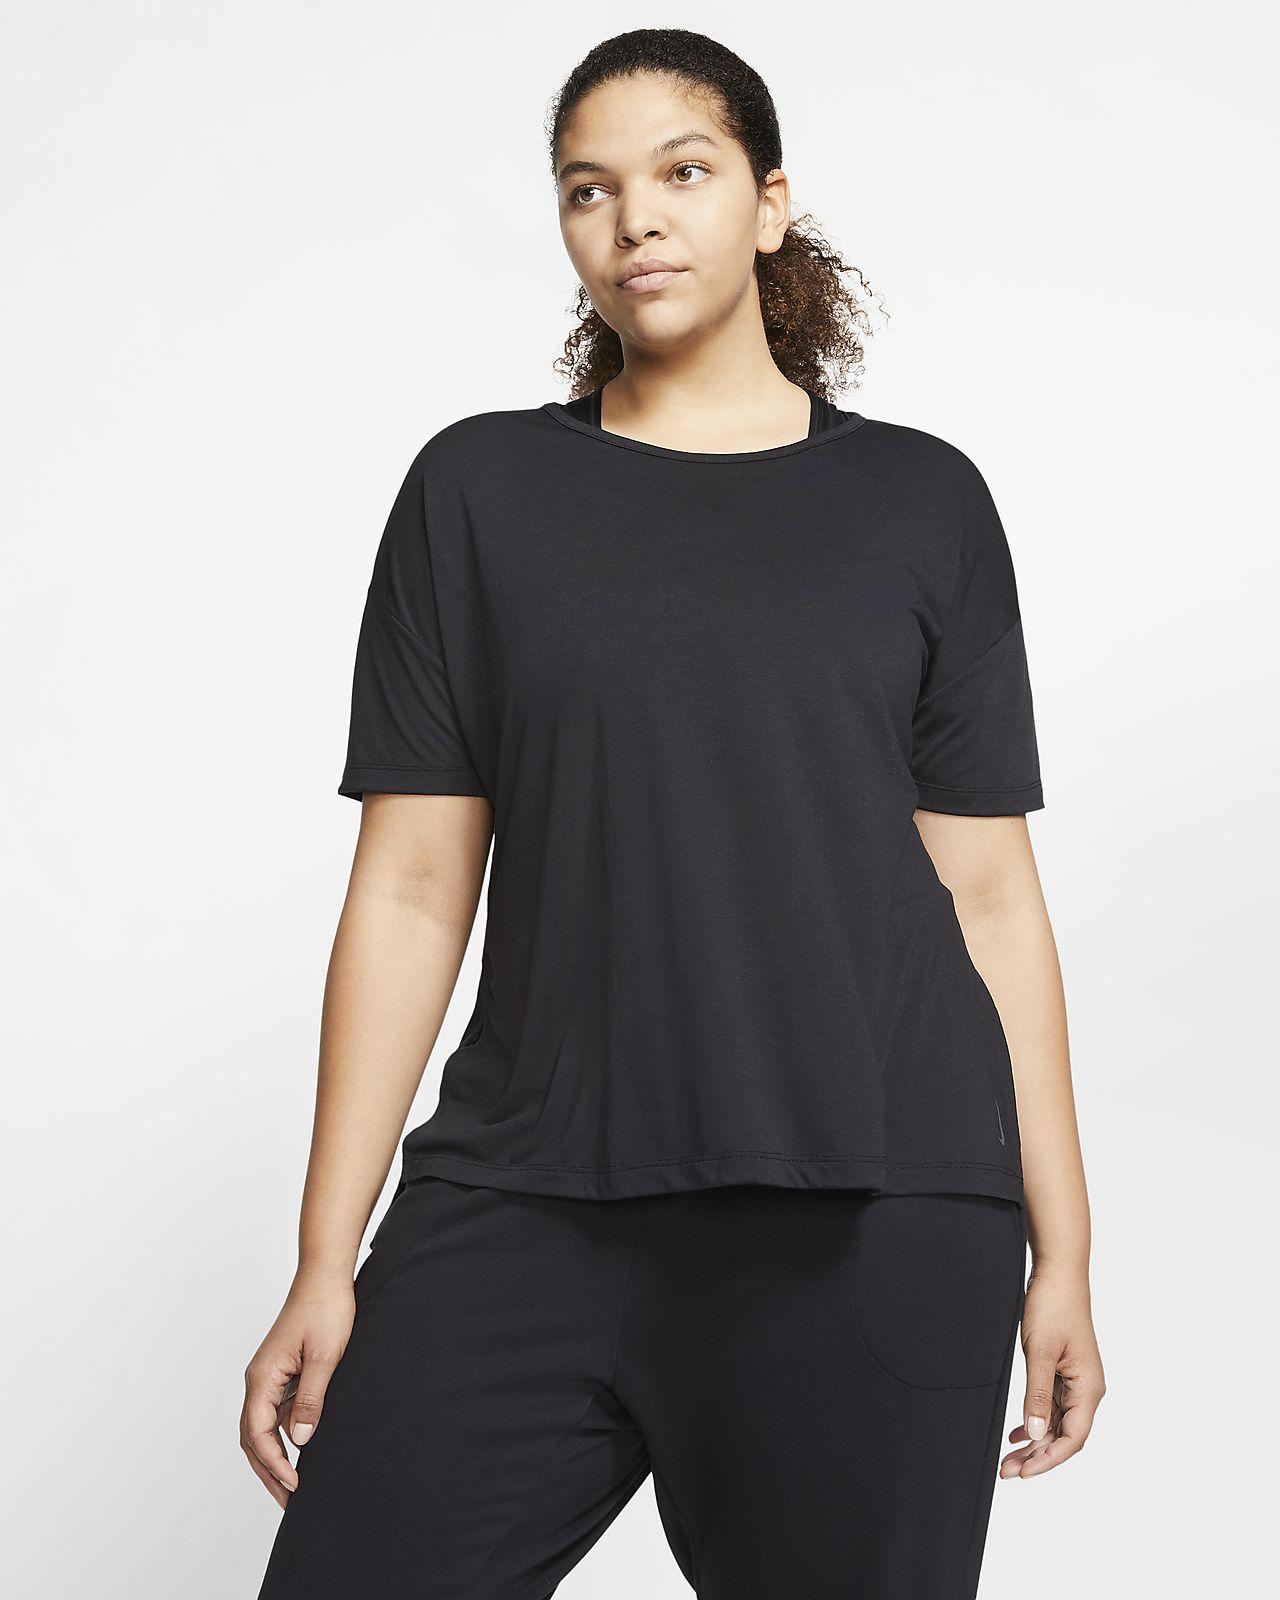 Camisola de manga curta Nike Yoga para mulher (tamanhos grandes)